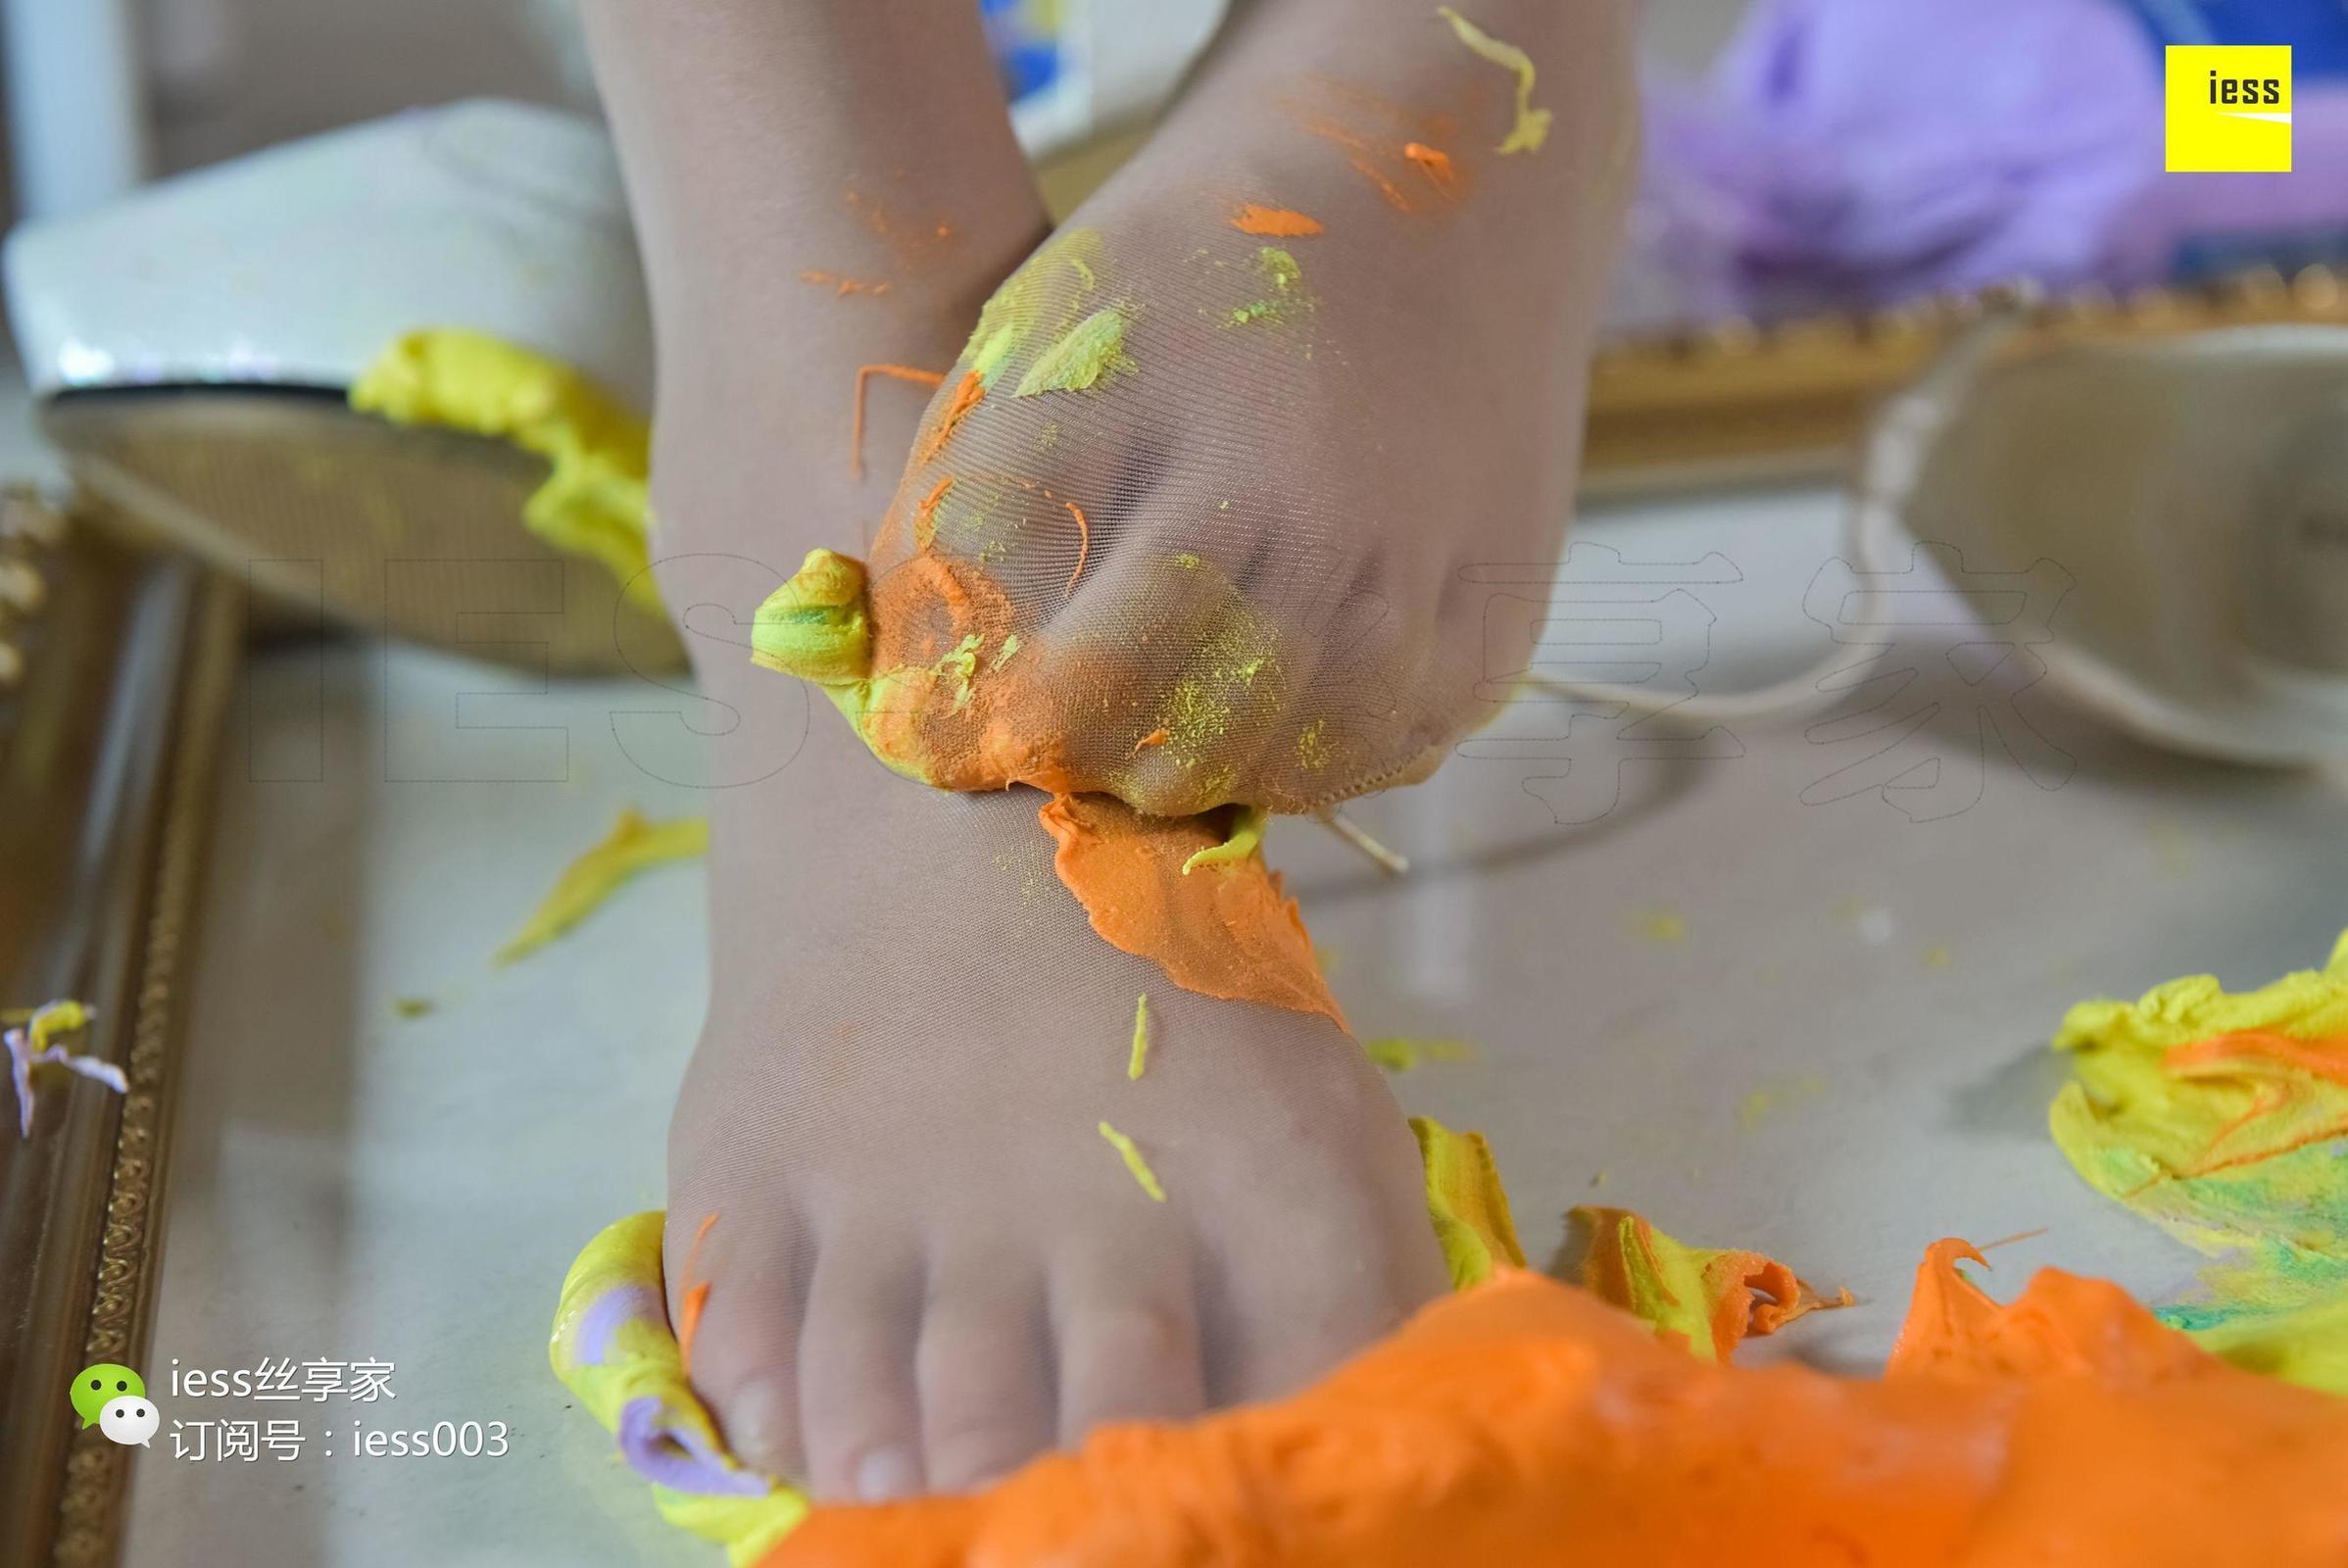 婉萍 《用丝足脚为你调制一抹色彩》 丝足写真